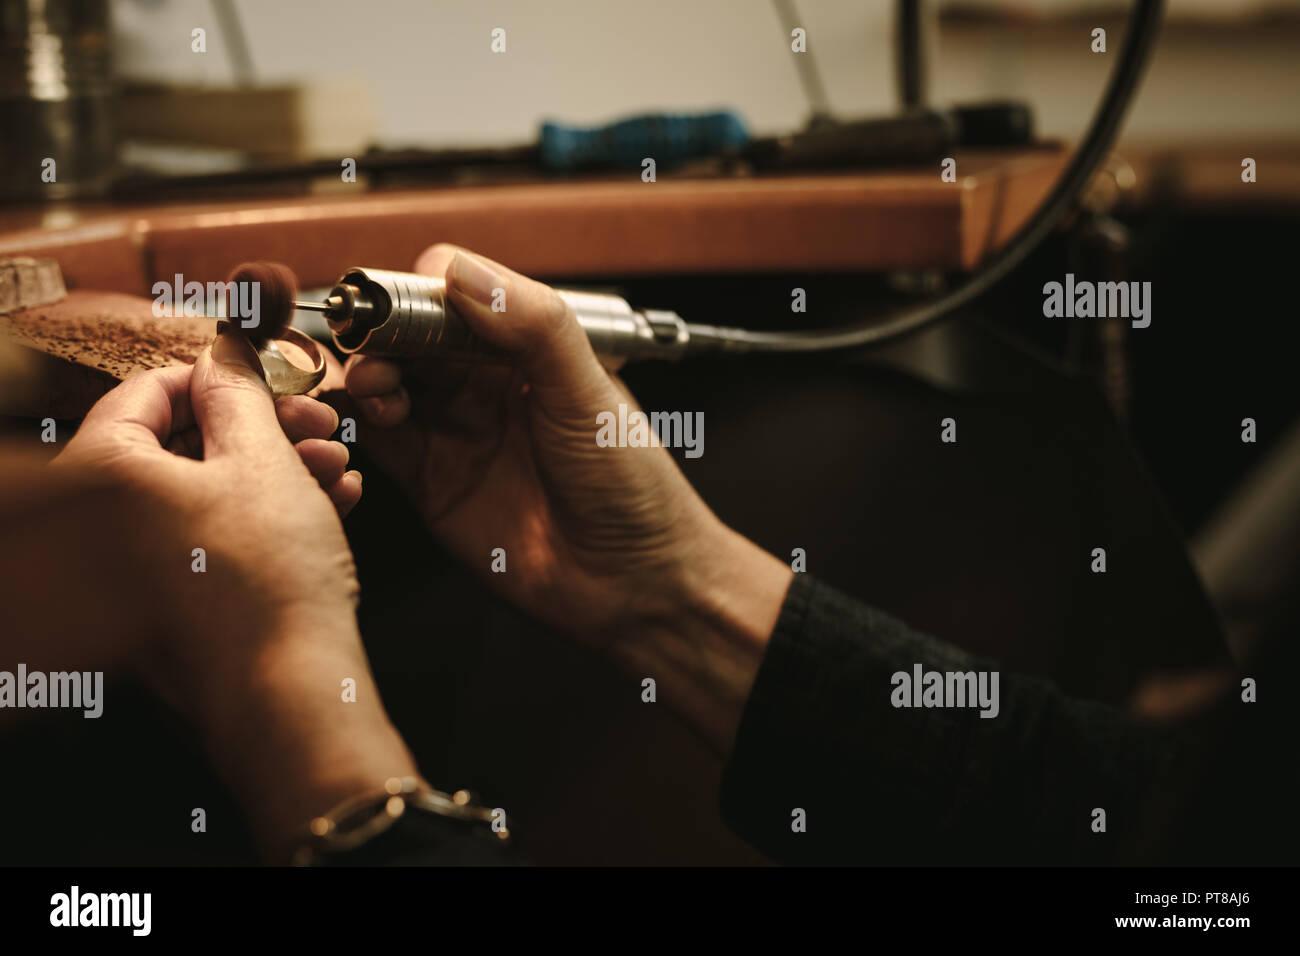 6dab77489e83 Hembra madura jeweler pulir un anillo de oro en el banco. Goldsmith  haciendo un anillo